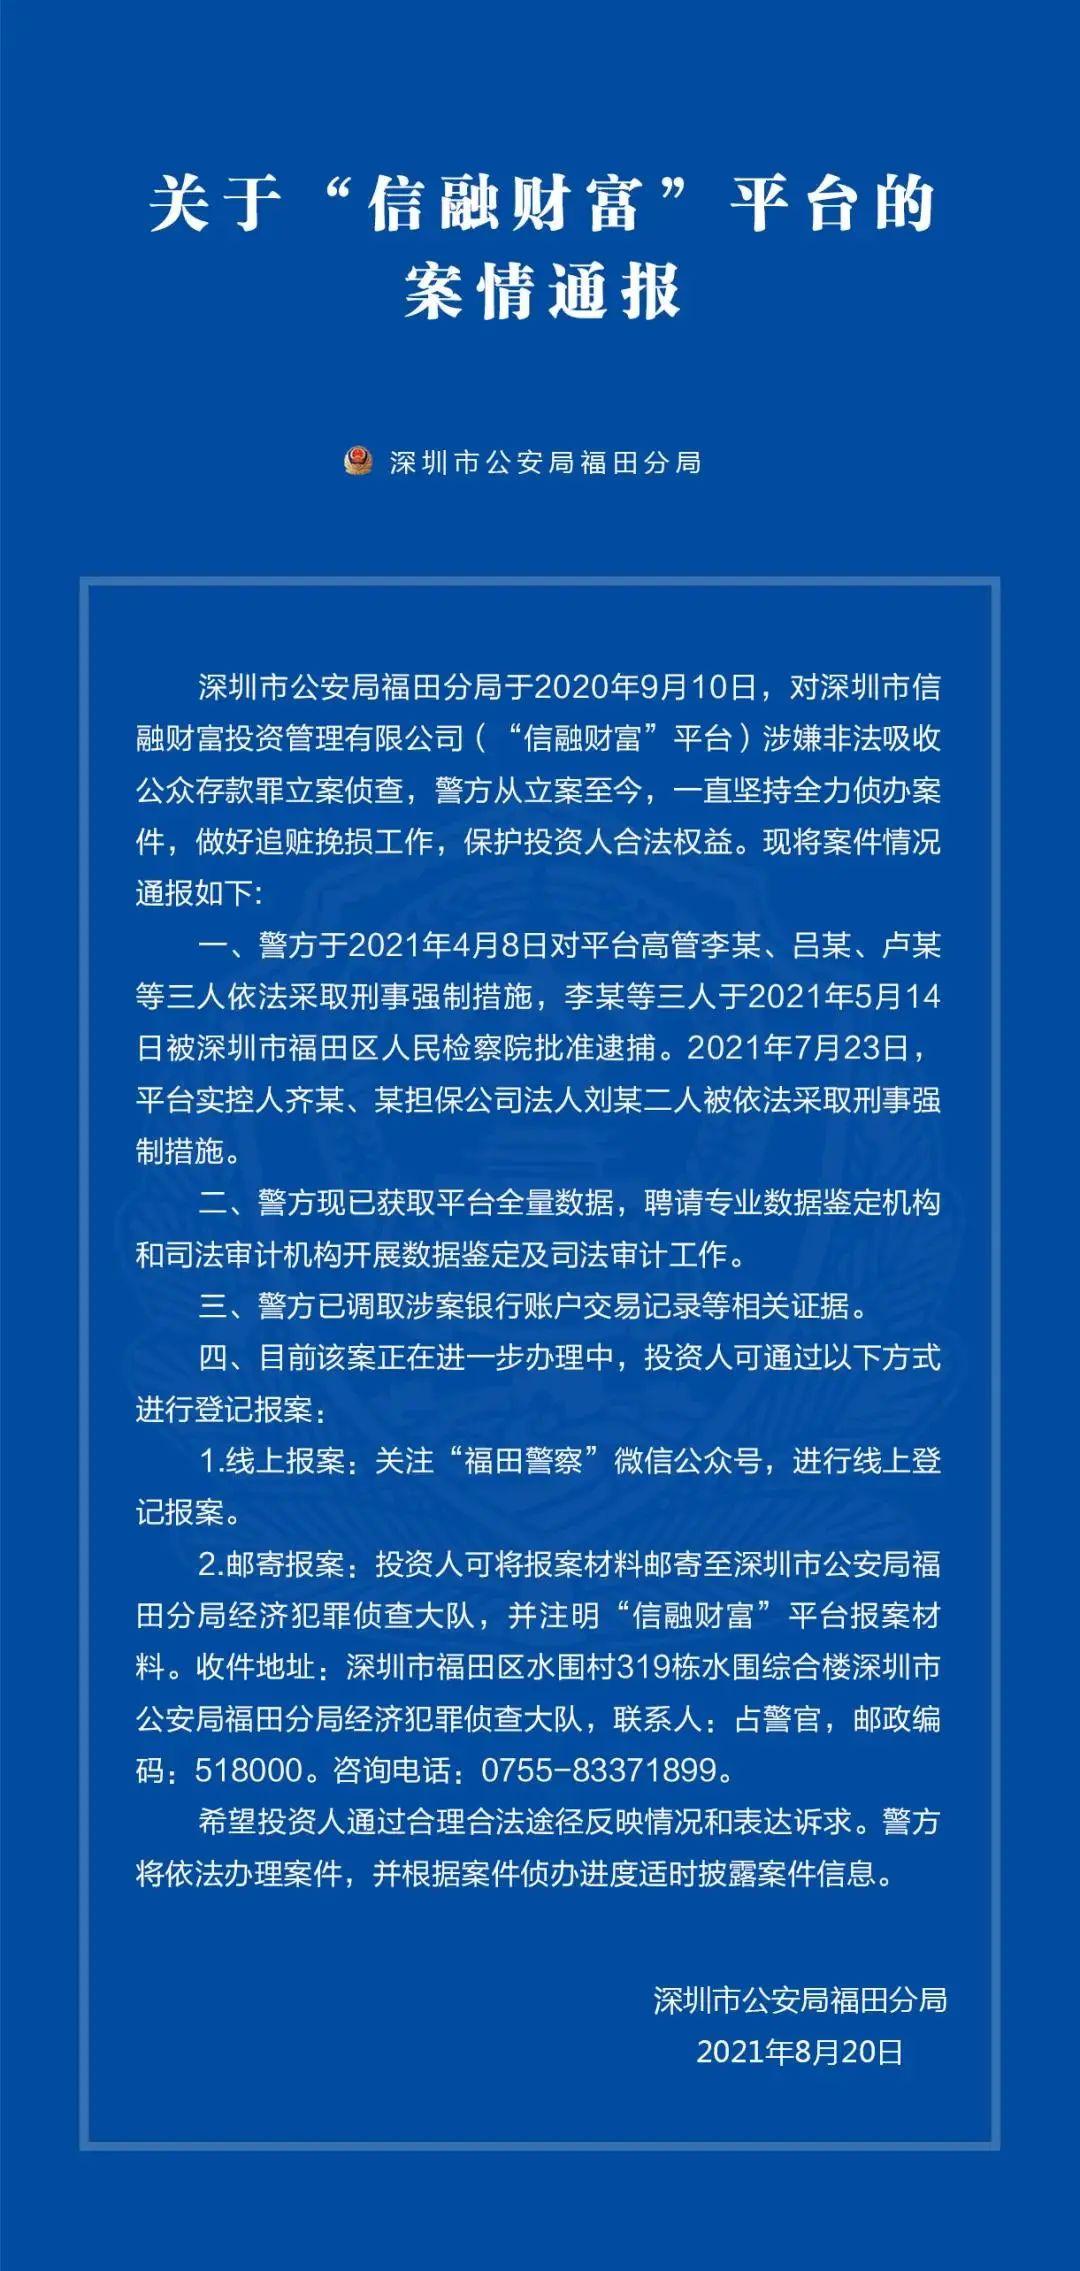 """警方通报!立案P2P平台""""信融财富""""最新进展:平台实控人、高管等5人被拘留"""